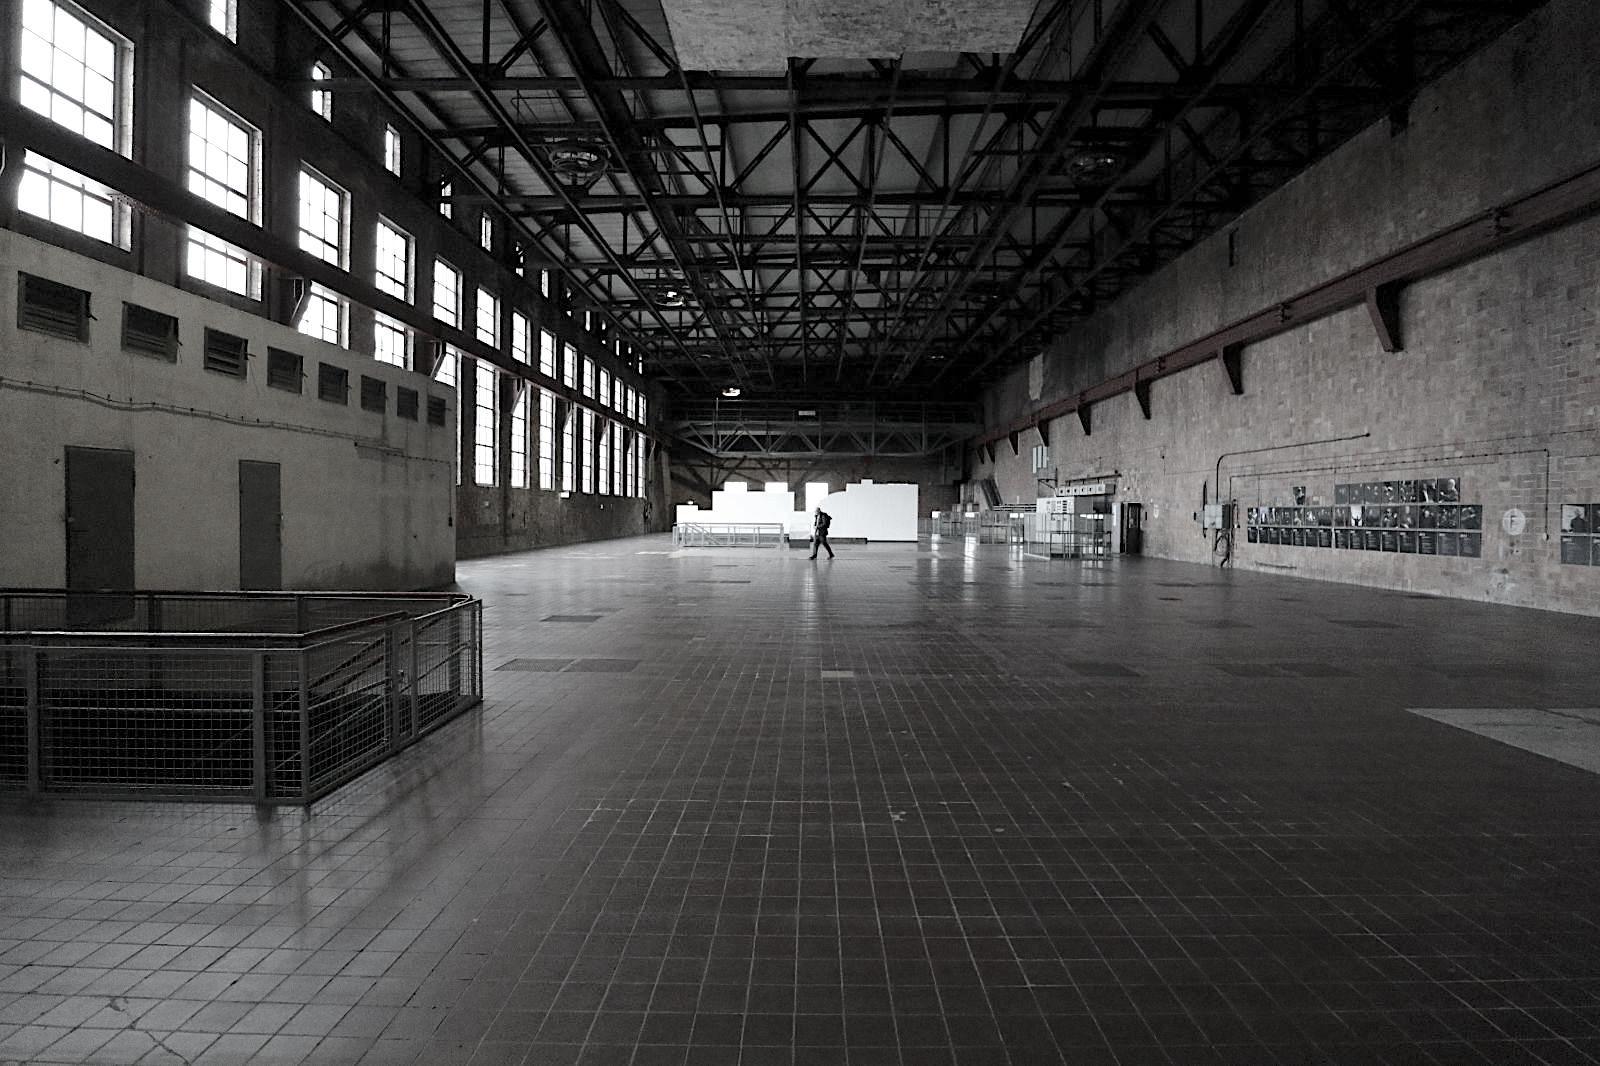 HTM Peenemünde. In der Turbinenhalle des Kraftwerks finden Kulturveranstaltungen statt. Besonders im Rahmen des Usedomer Musikfestivals treten (inter)nationale renommierte Künstler und Musiker auf.